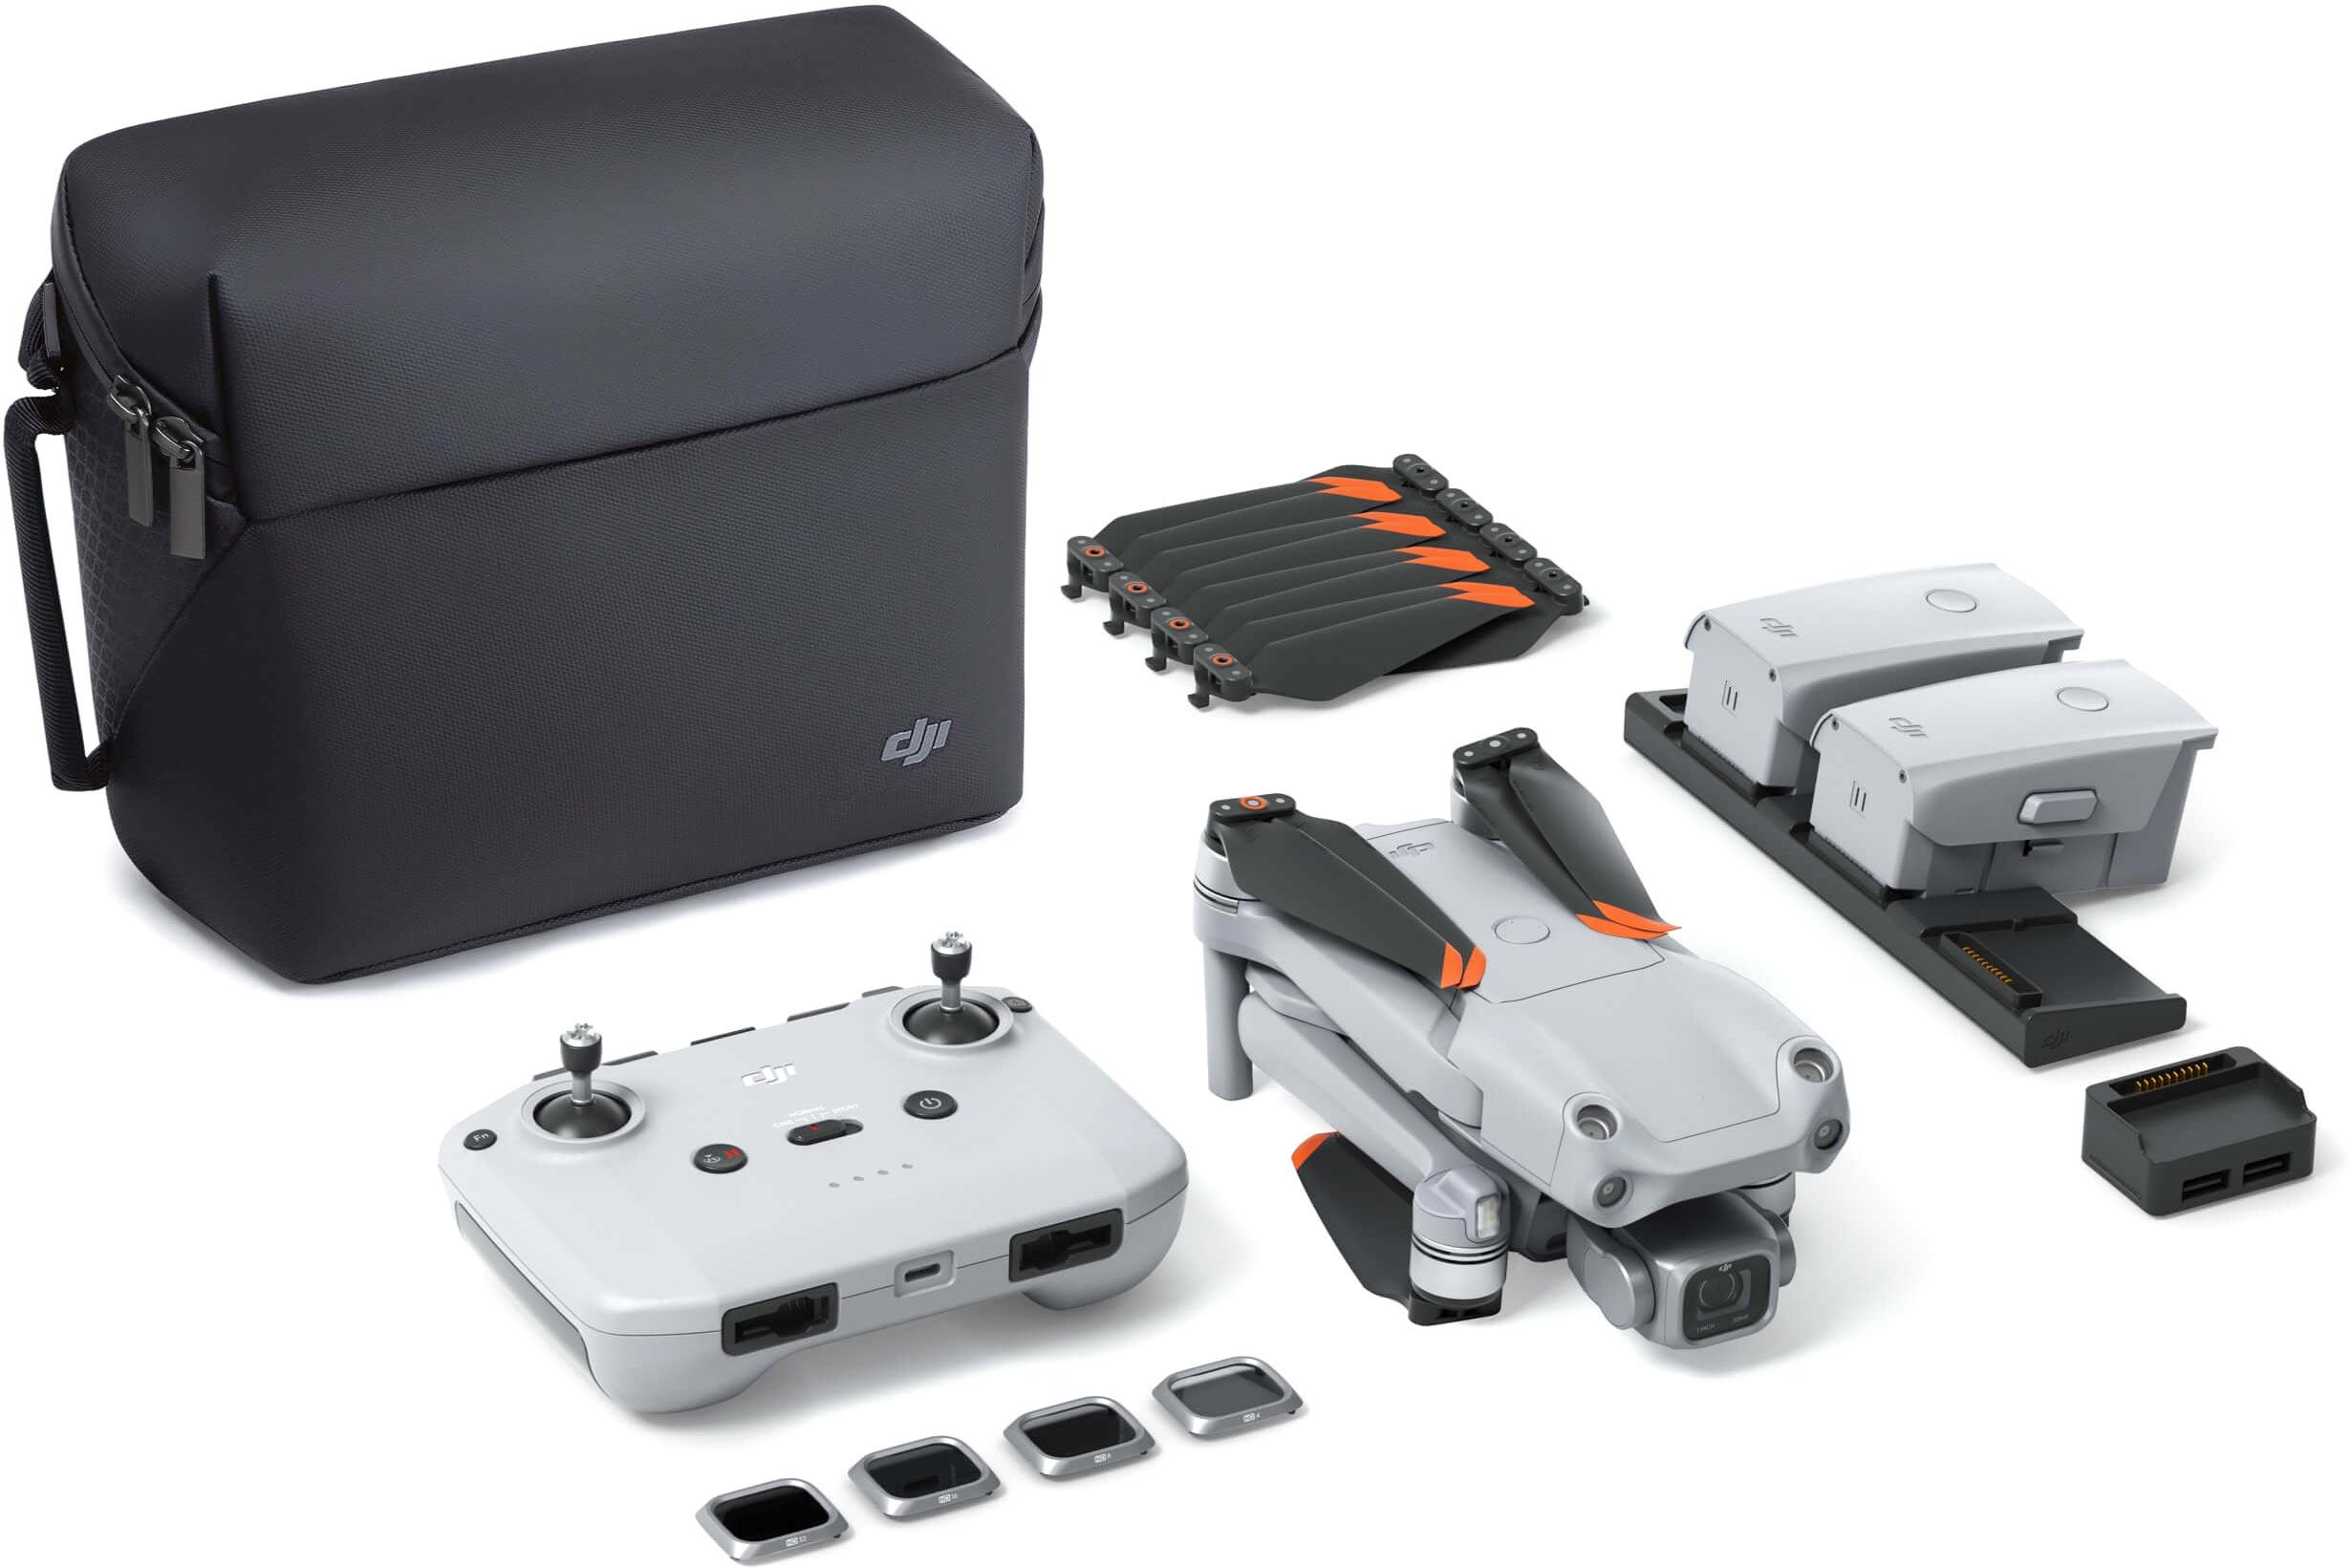 DJI представила дрон Air 2S — камера с большим 20-Мп датчиком и поддержкой видео 5,4K, связь на 12 км и прочее